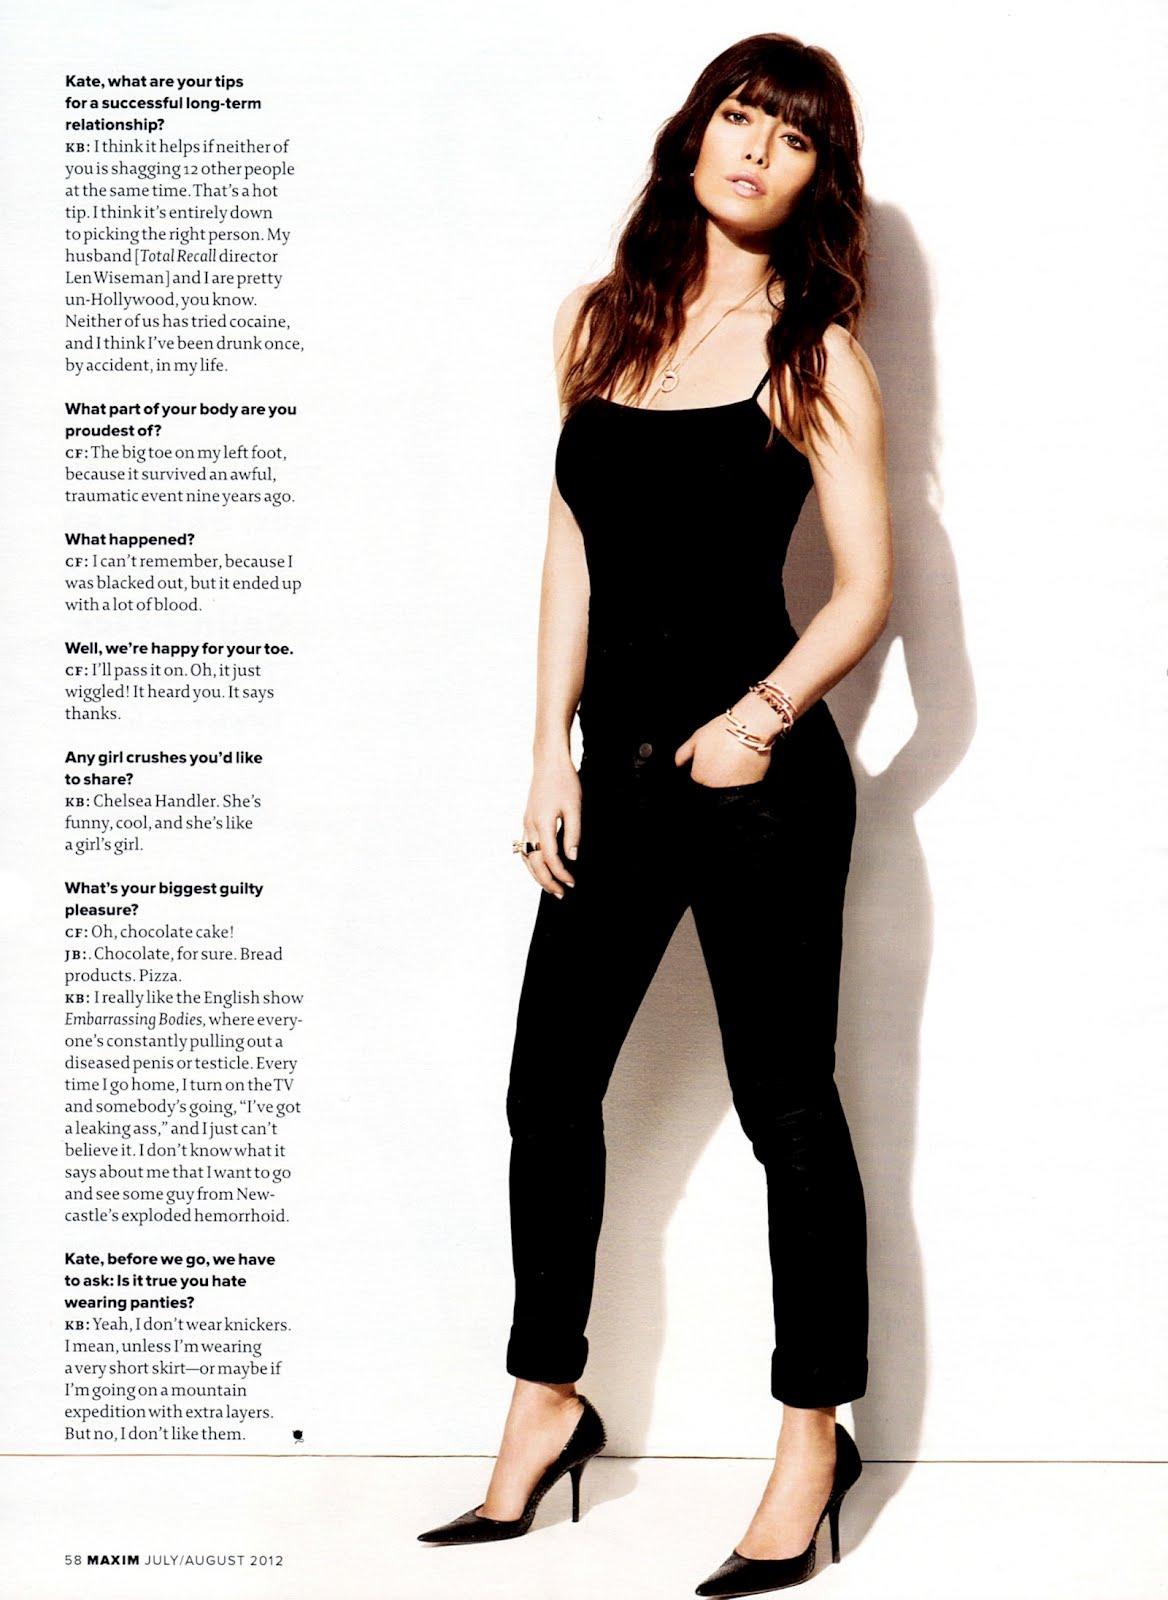 http://4.bp.blogspot.com/-_u930sjTZlM/T-_Mv-YDyhI/AAAAAAAAIVA/xsWa-LhPOck/s1600/Jessica-Biel-Kate-Beckinsale-5.jpg